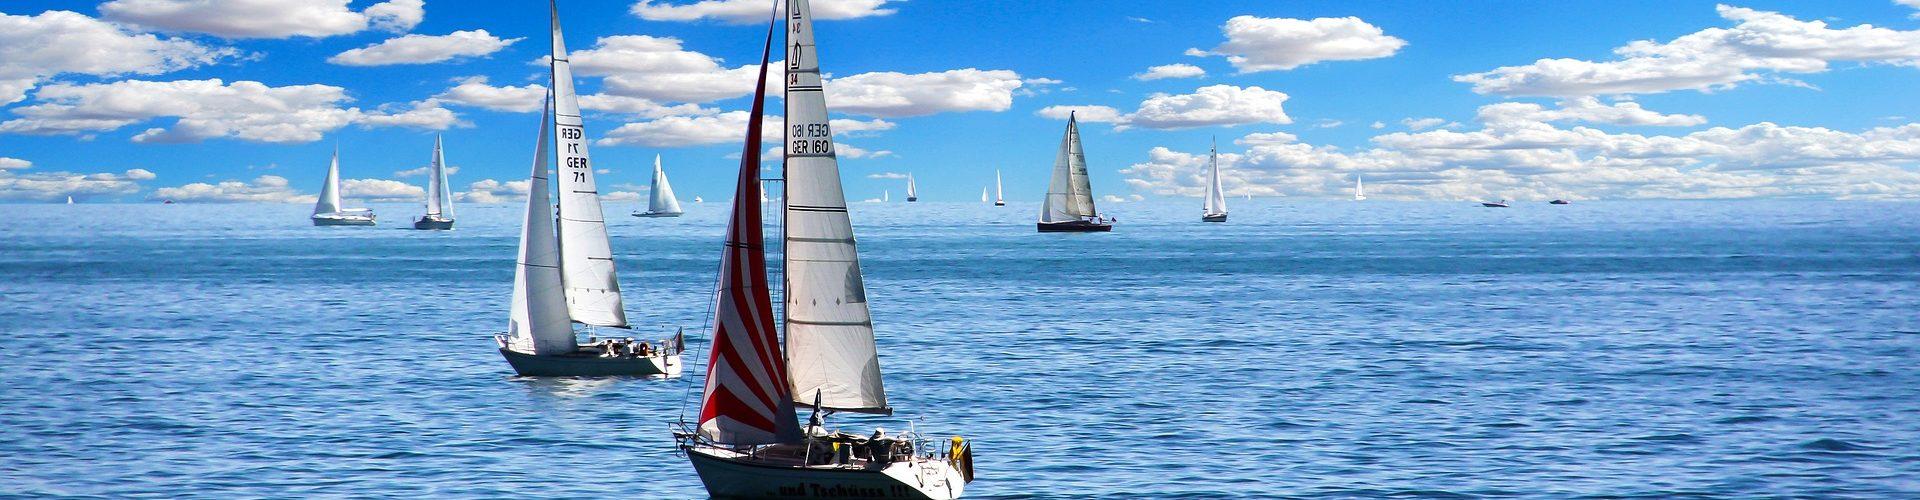 segeln lernen in Taucha segelschein machen in Taucha 1920x500 - Segeln lernen in Taucha